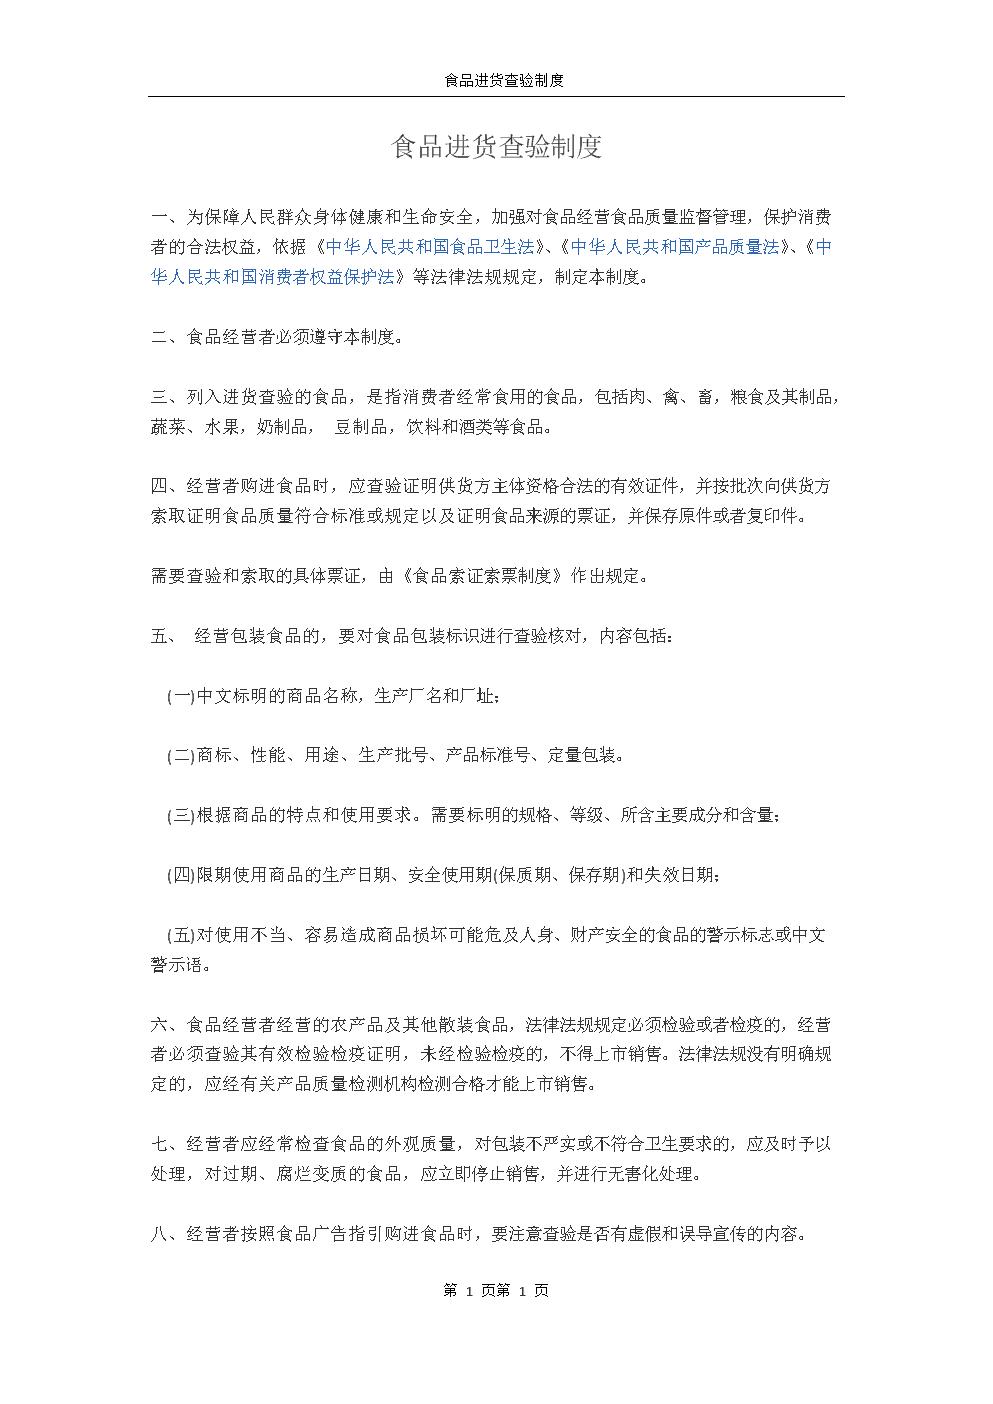 食品进货查验制度(范文).docx